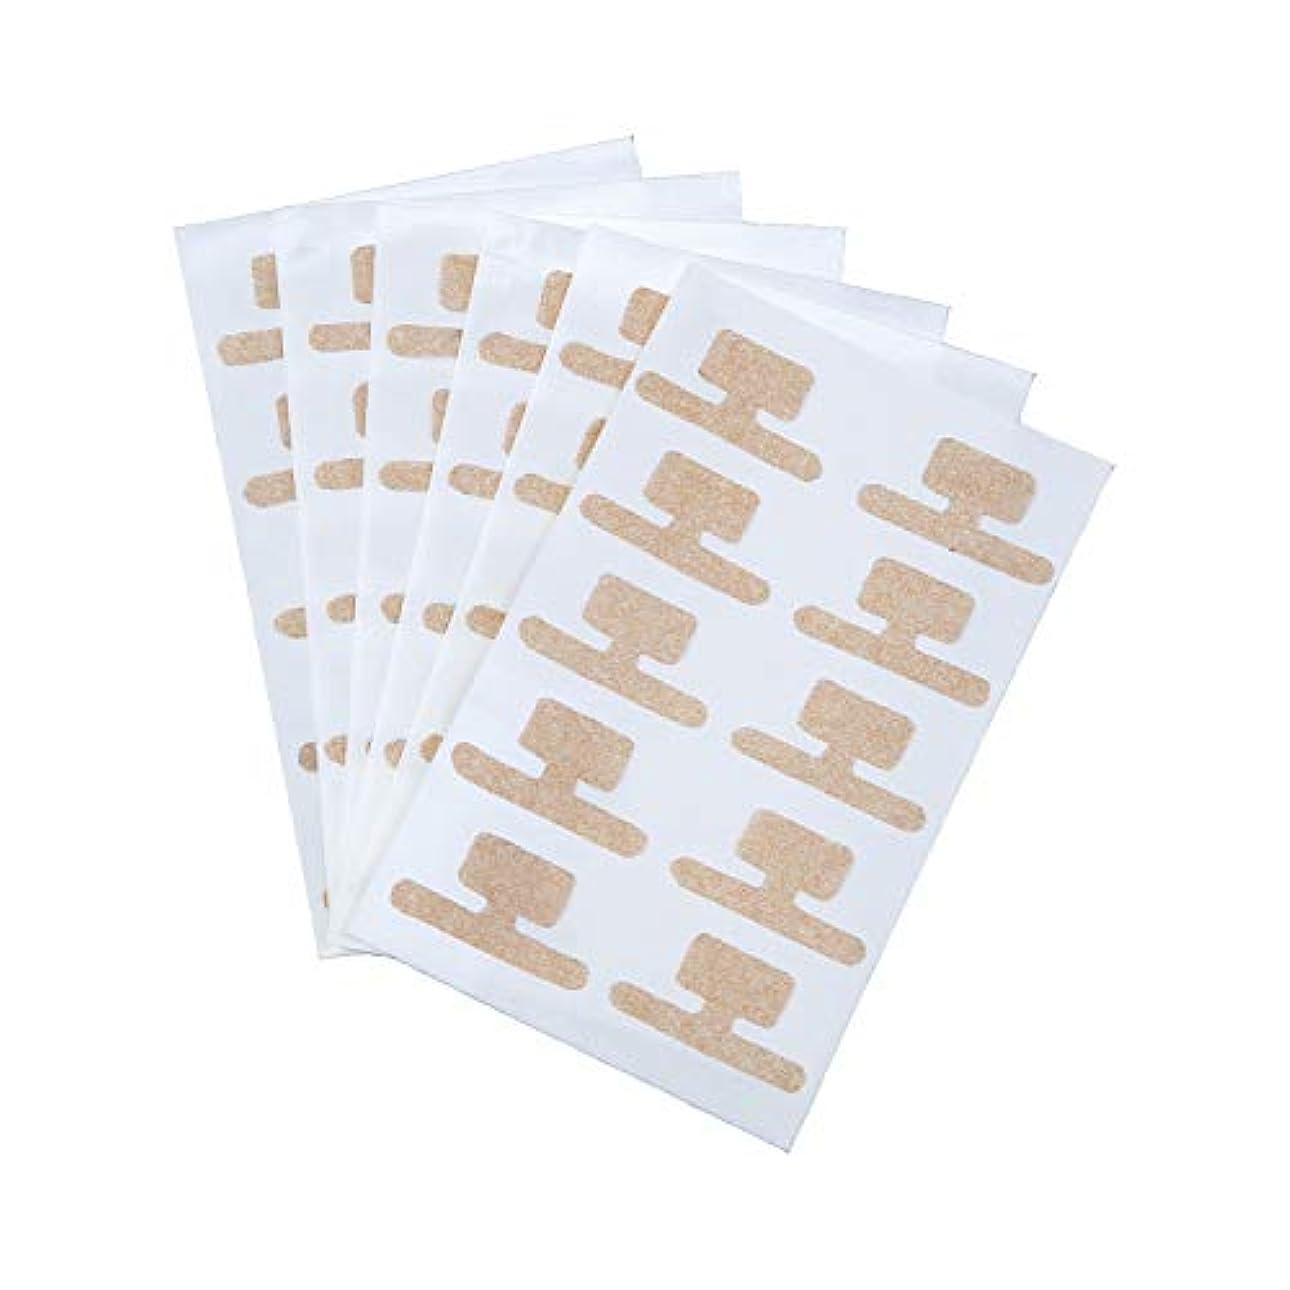 無視関税睡眠巻き爪ダブルケアテープ 60枚入 持ち上げ シール 食い込み 痛み サポート 貼るだけ 足 フットケア